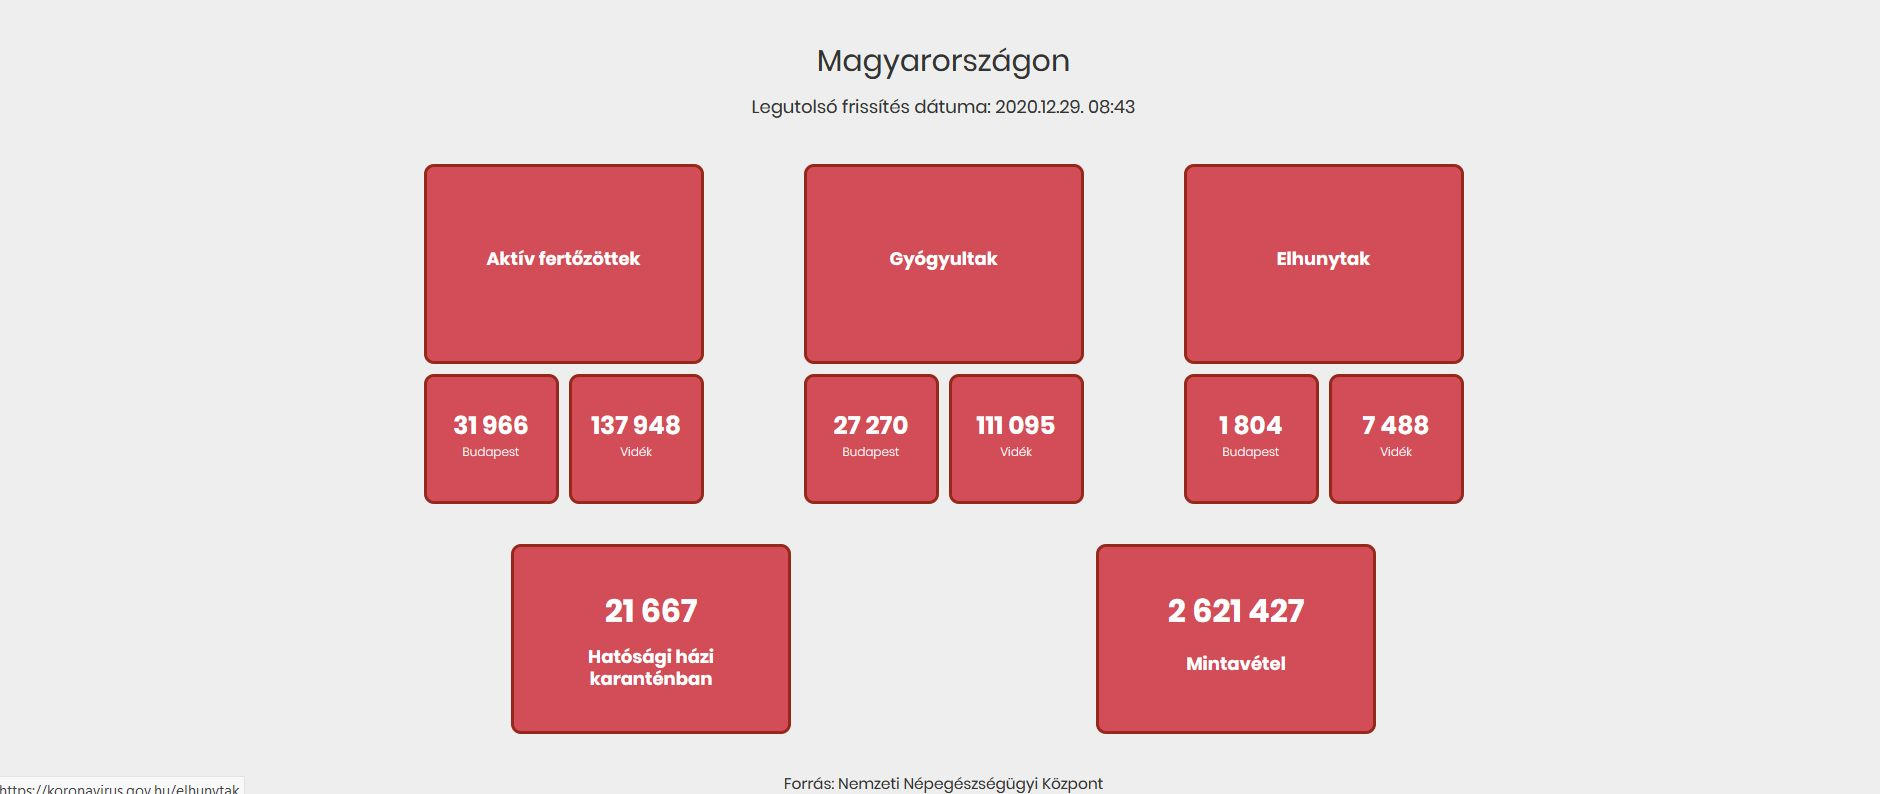 Fertőzöttek száma Magyarországon